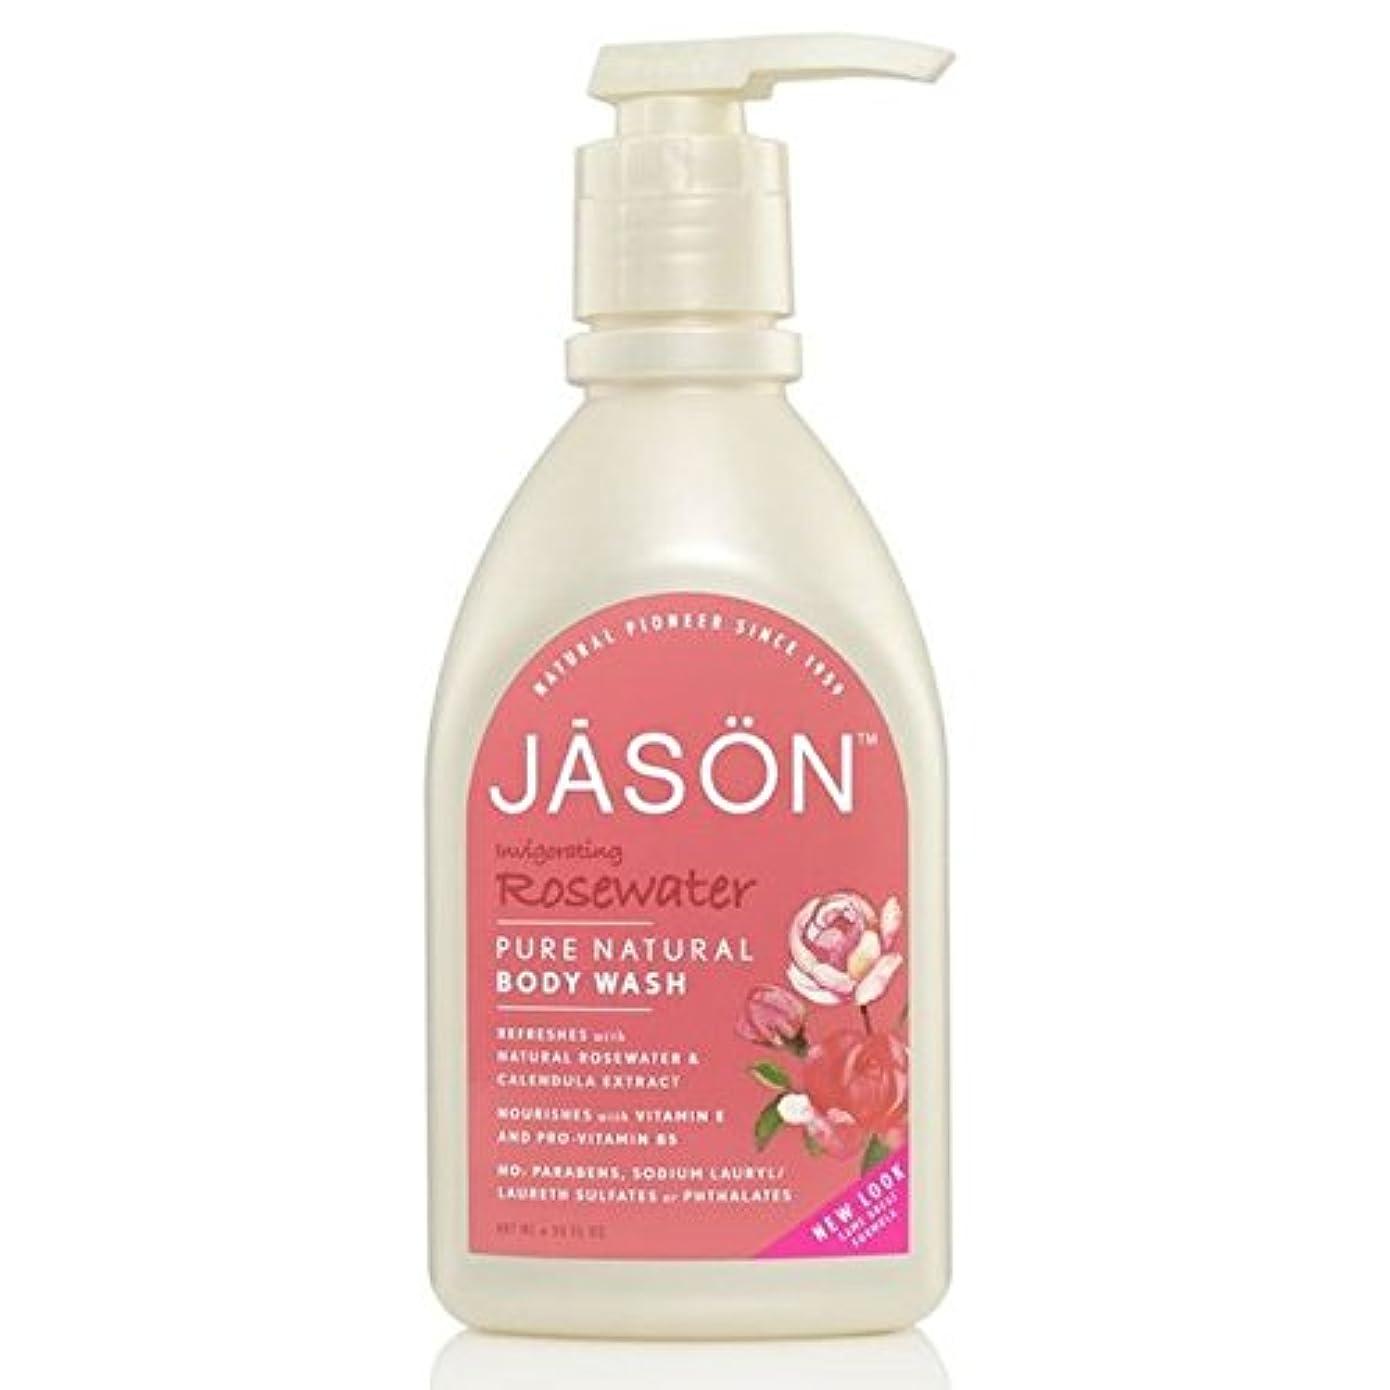 勉強するバリア火曜日ジェイソン?ボディウォッシュローズウォーターサテンシャワー900ミリリットル x4 - Jason Body Wash Rosewater Satin Shower 900ml (Pack of 4) [並行輸入品]